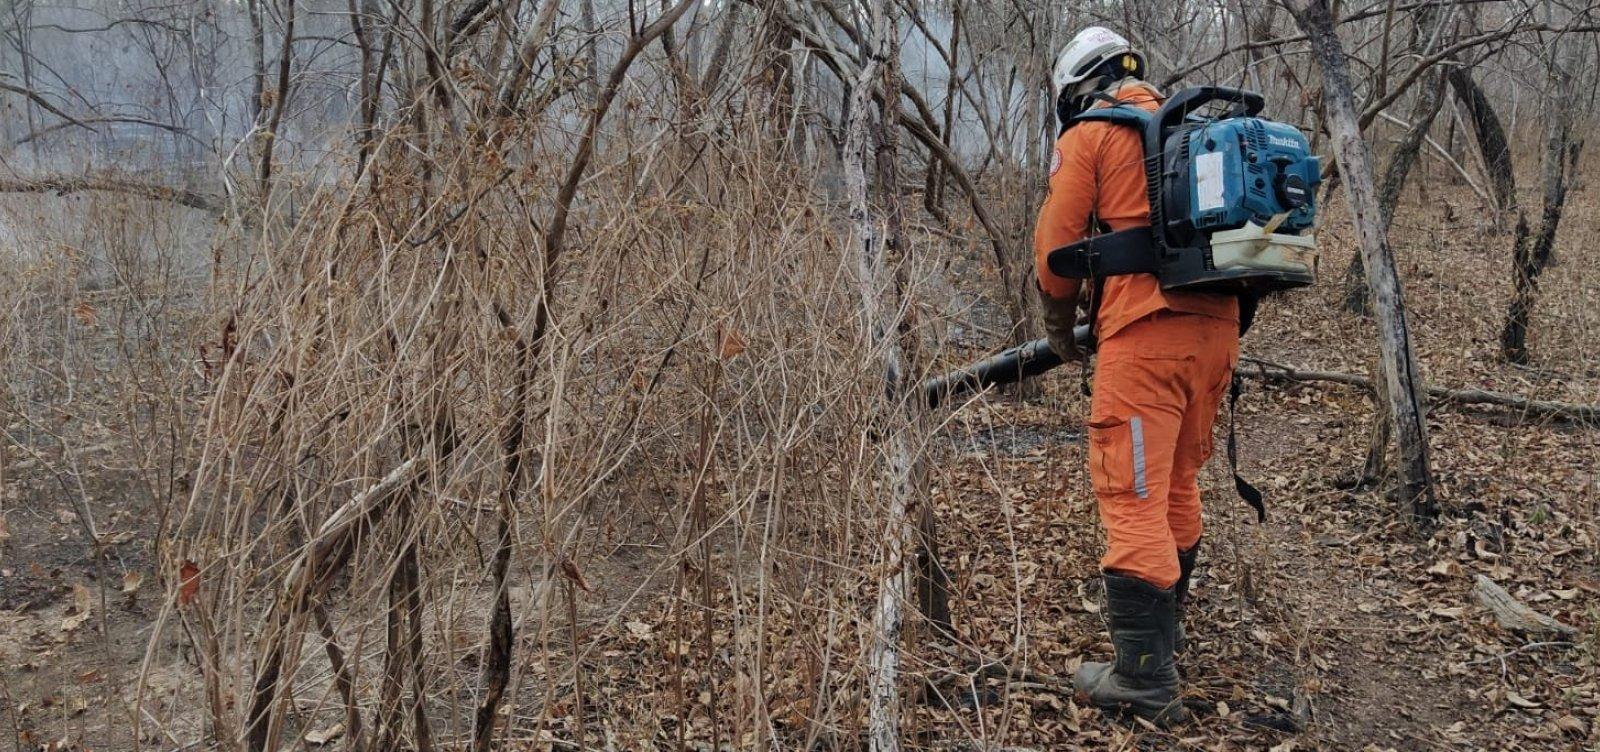 Bombeiros combatem incêndios florestais em seis municípios baianos nesta quinta-feira